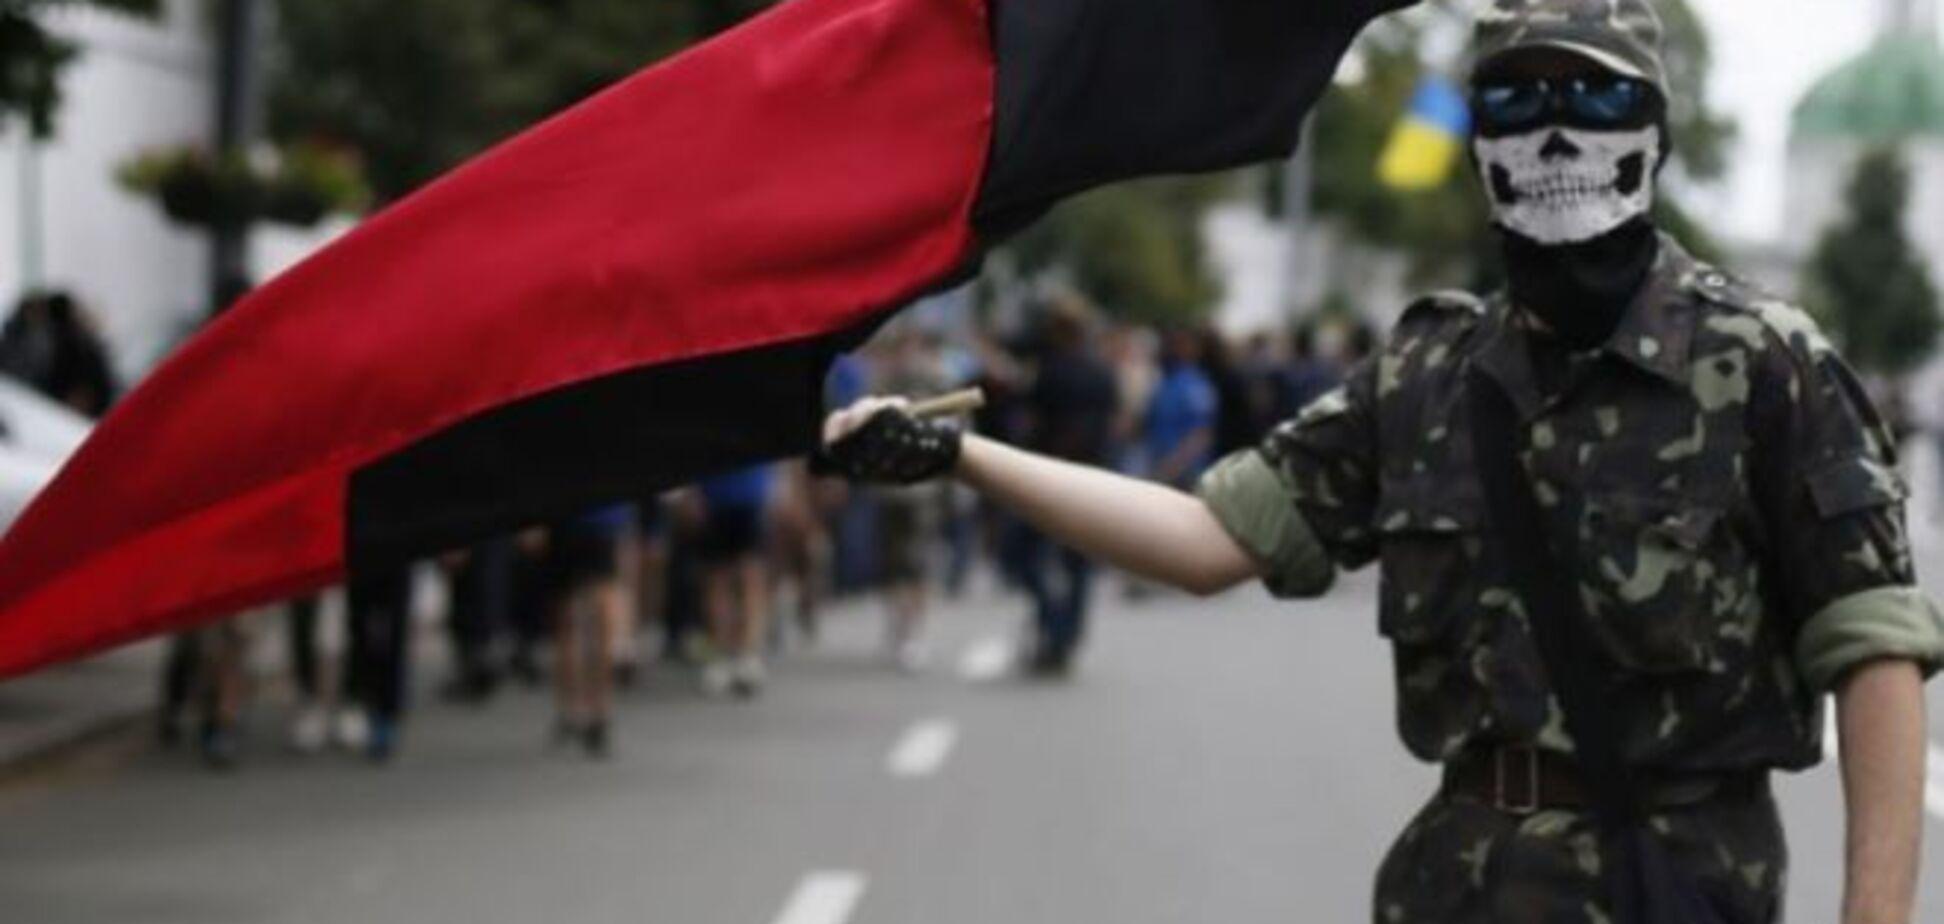 Скоропадський: якщо почнуться 'затримання' - піднімемо батальйони 'ПС'